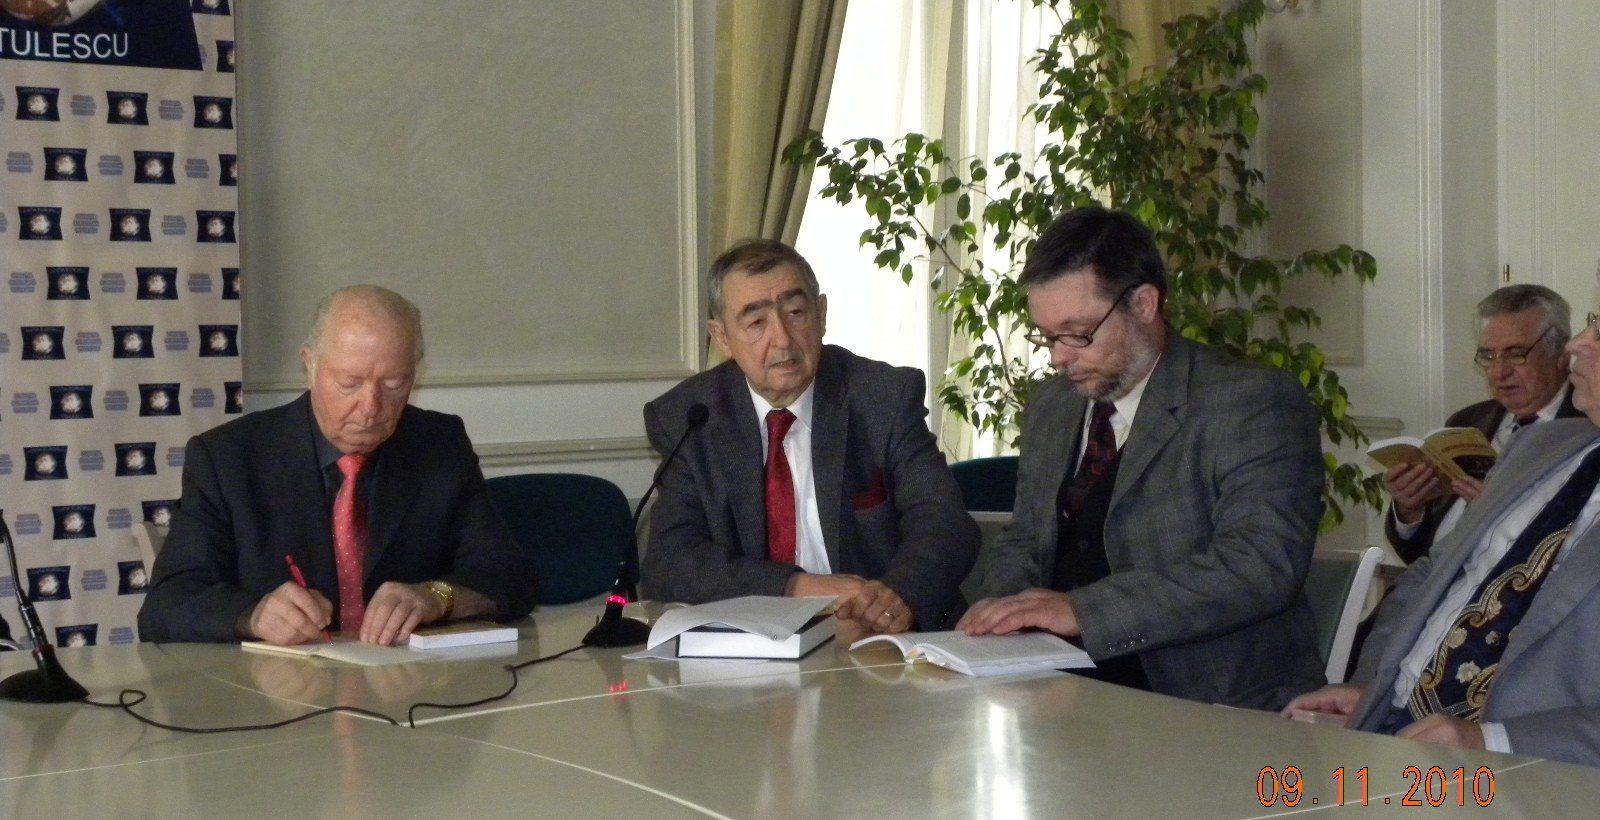 """Lansarea lucrării ,,Gheorghe Tătărescu. Lumini şi umbre"""" de Romus Dima"""